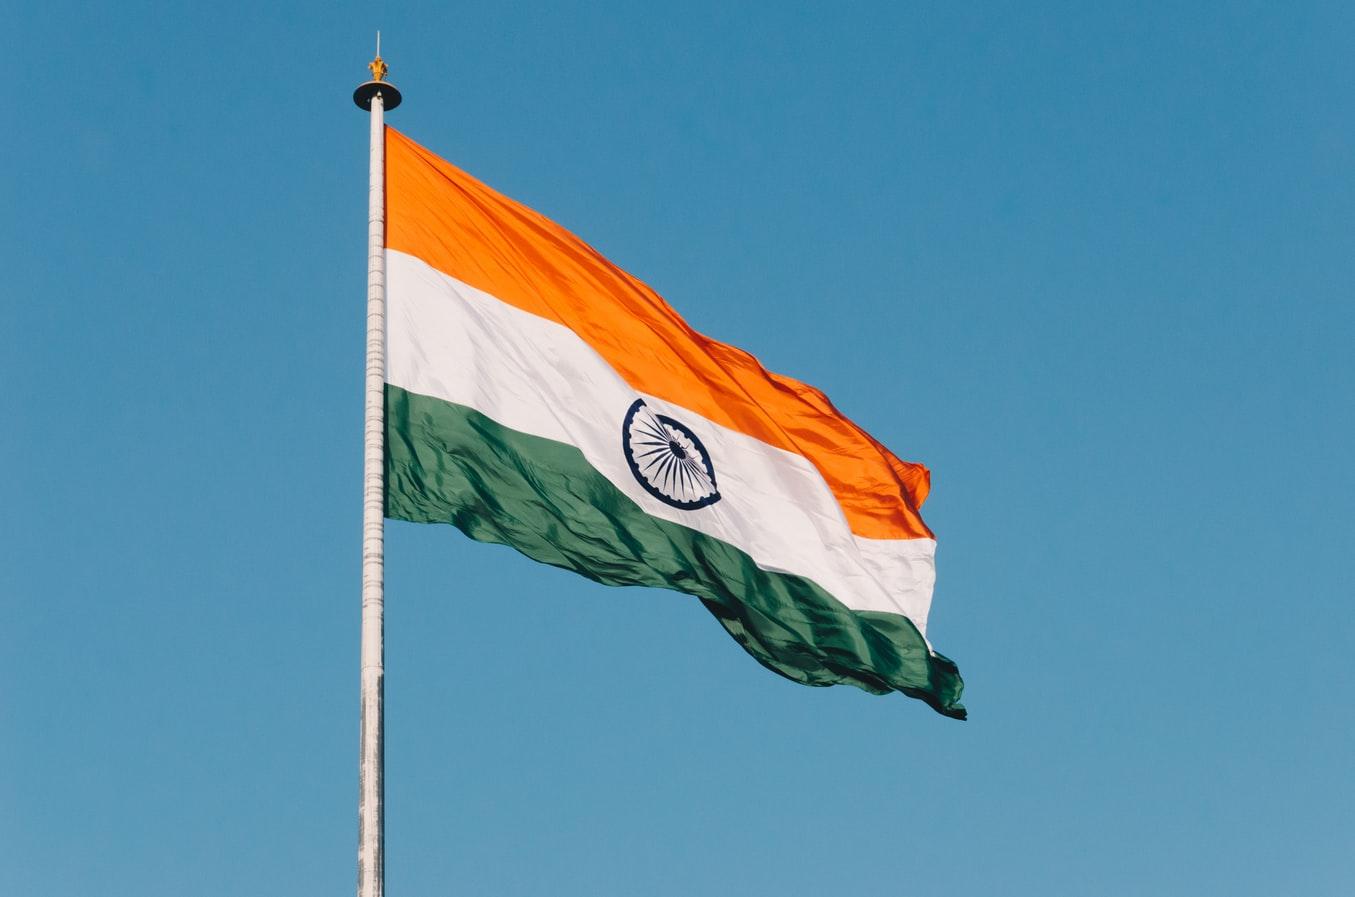 Pour aider sa Police, l'Inde souhaite miser sur la reconnaissance faciale